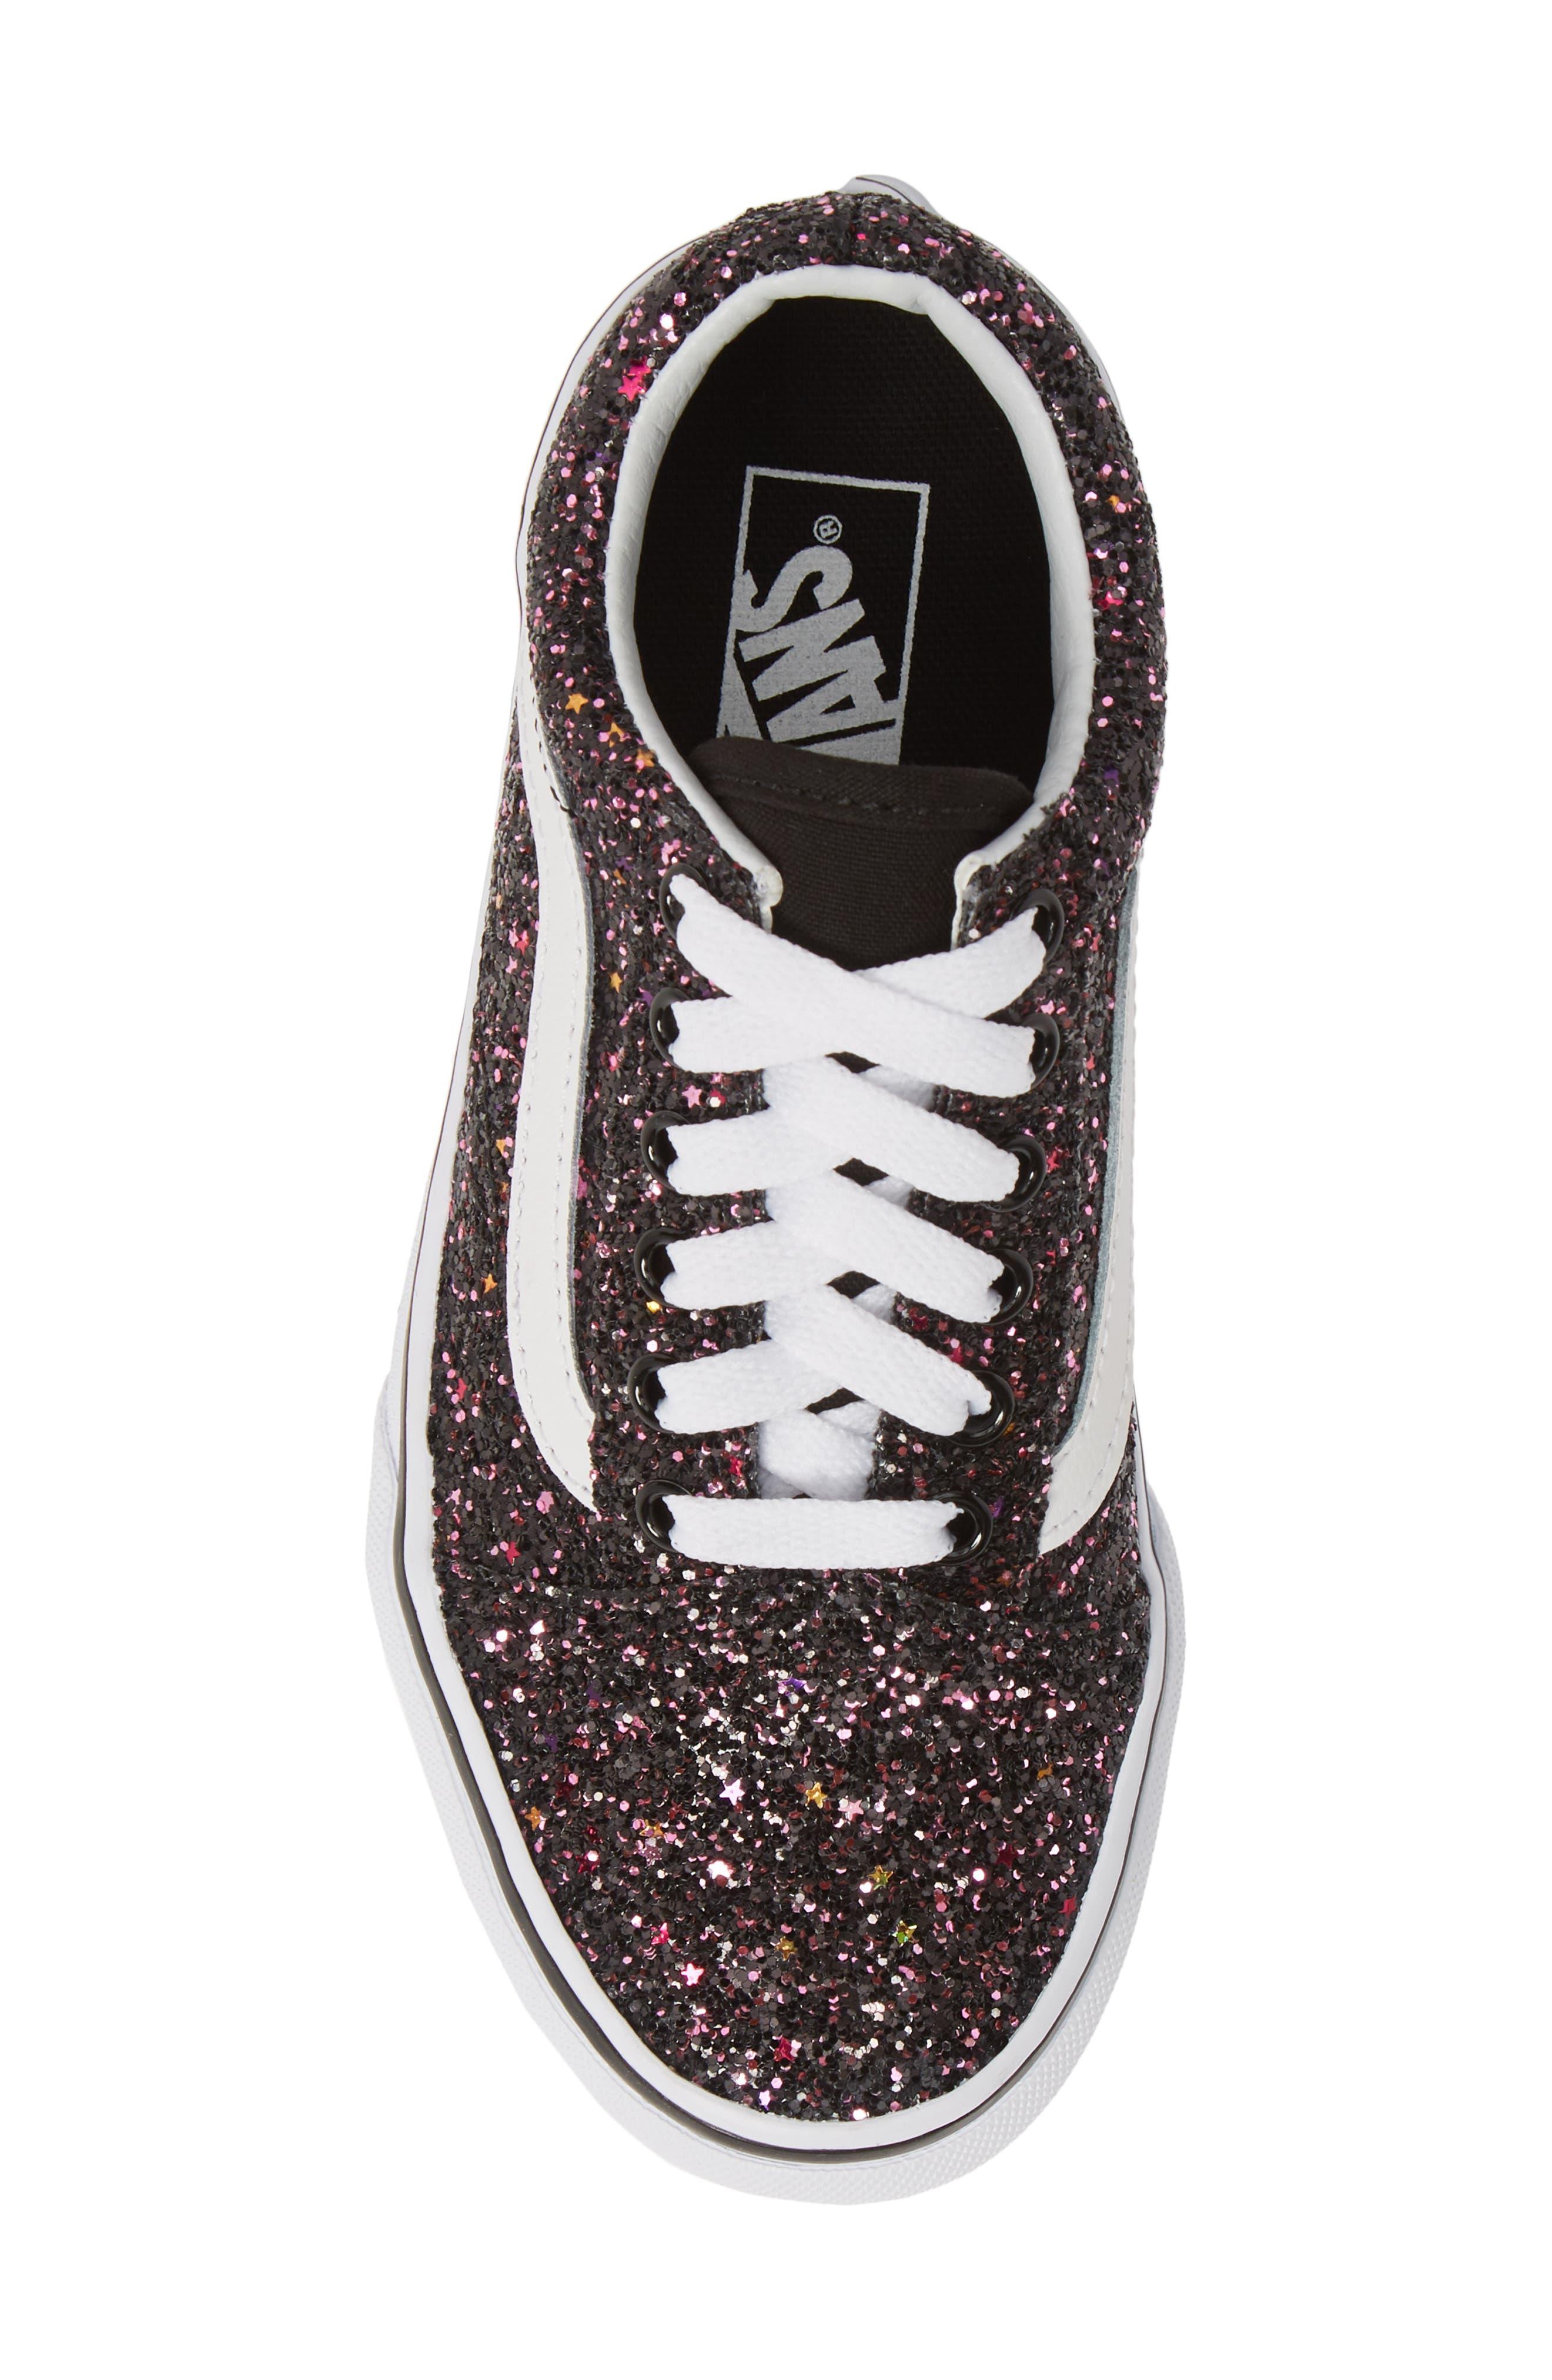 VANS,                             Old Skool Sneaker,                             Alternate thumbnail 5, color,                             GLITTER STARS BLACK/ WHITE